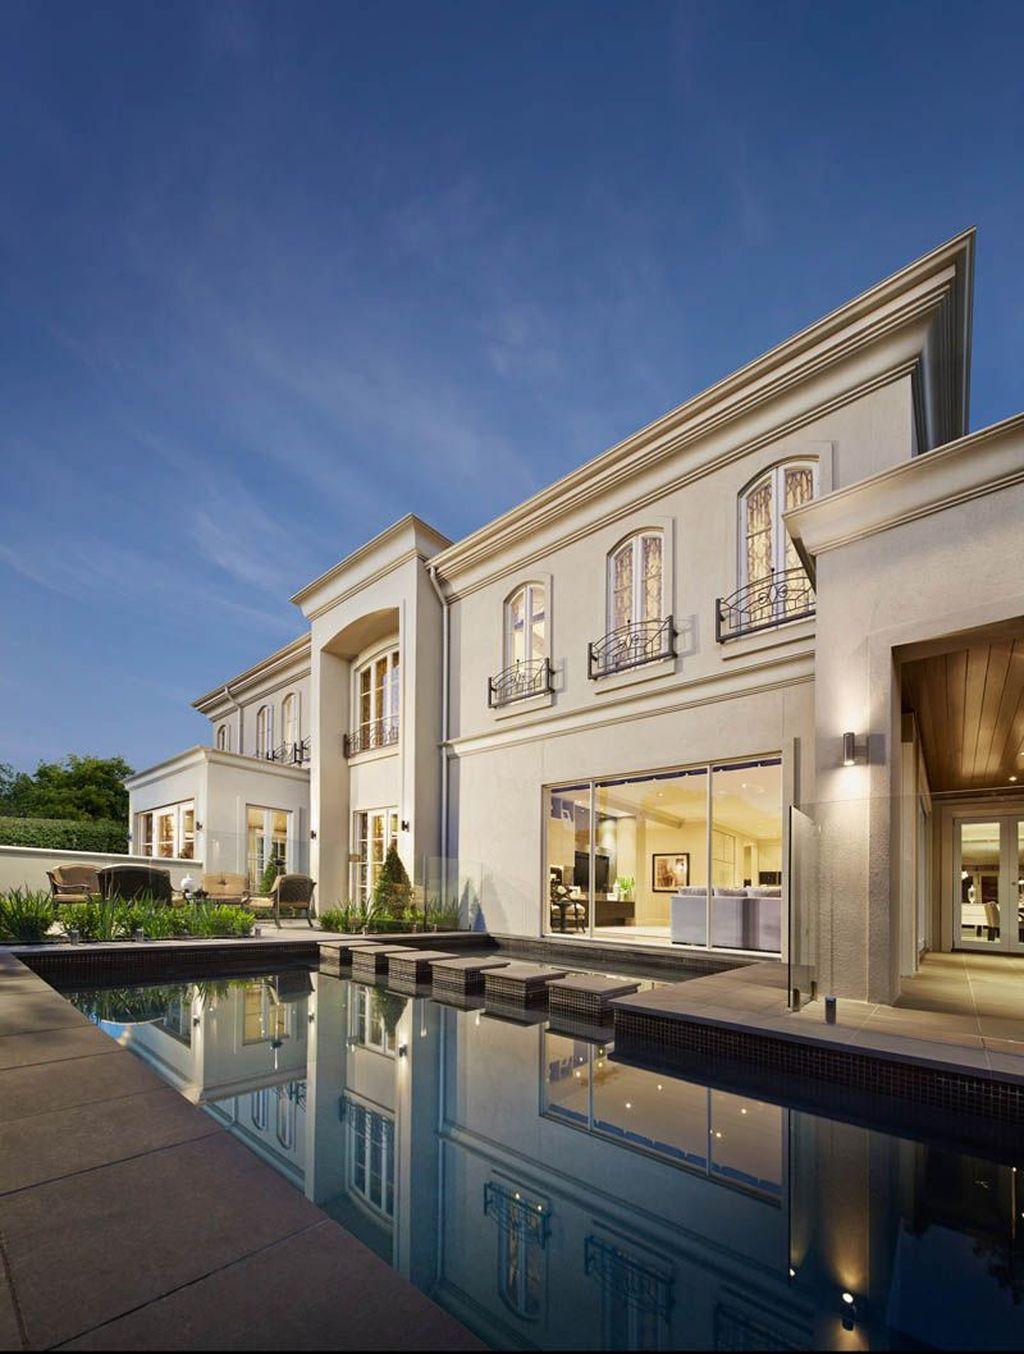 The Best Classic Exterior Design Ideas Luxury Look 32